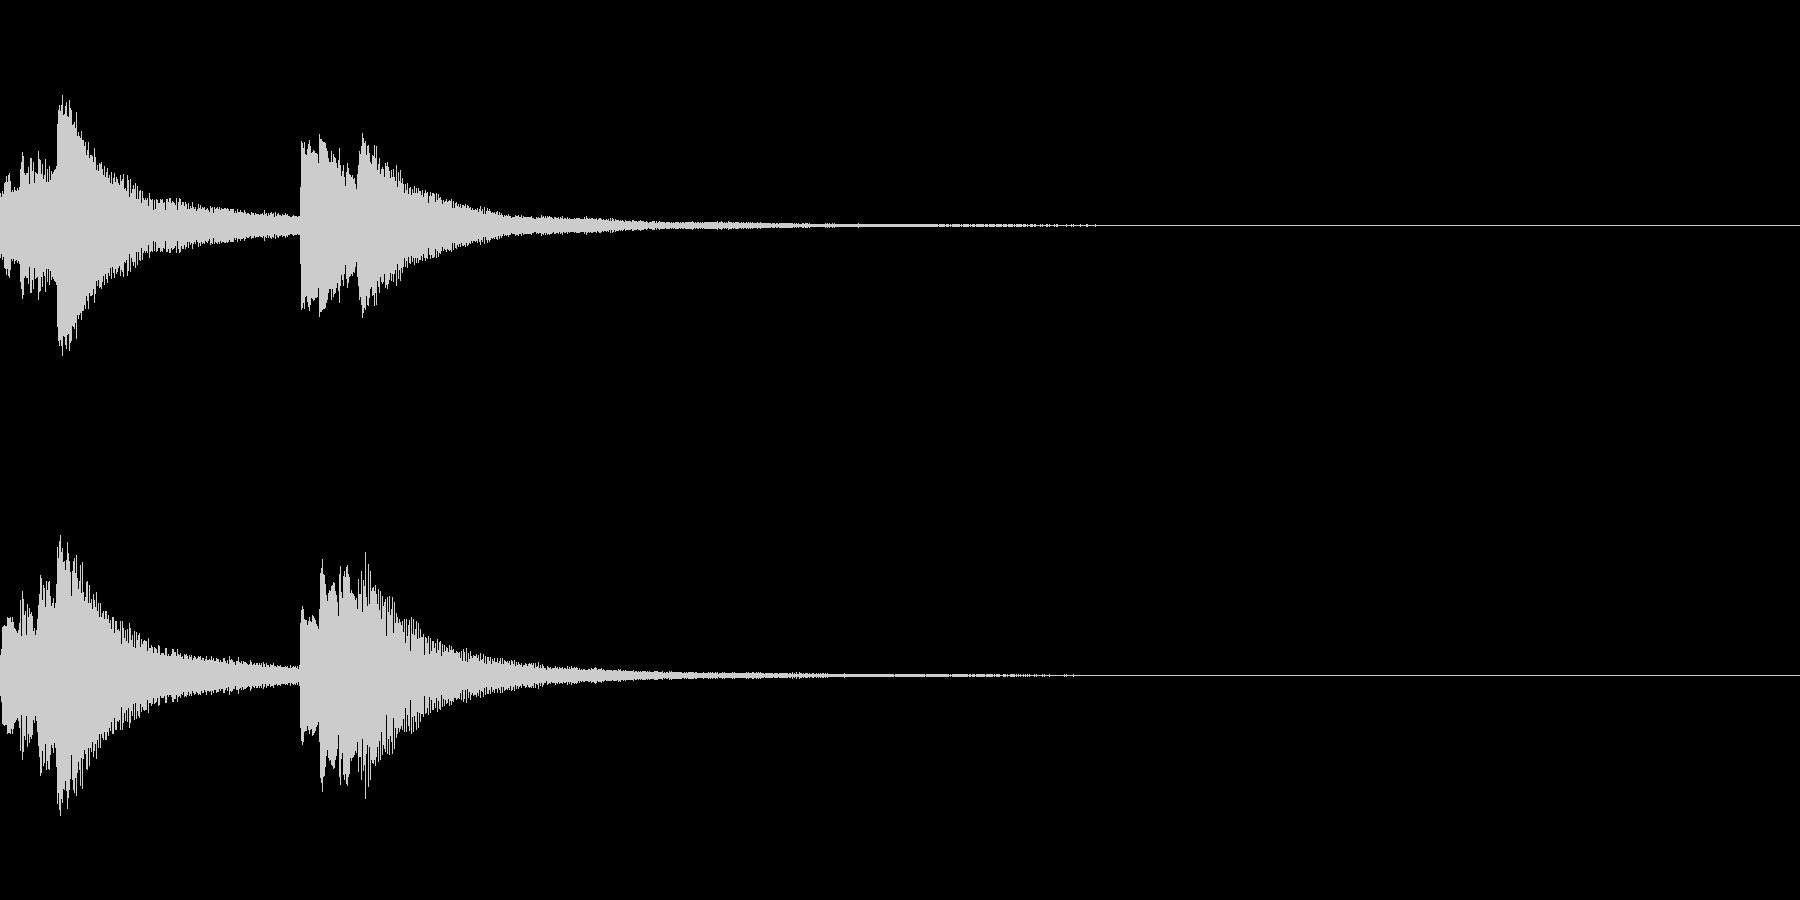 システム起動音_その13の未再生の波形